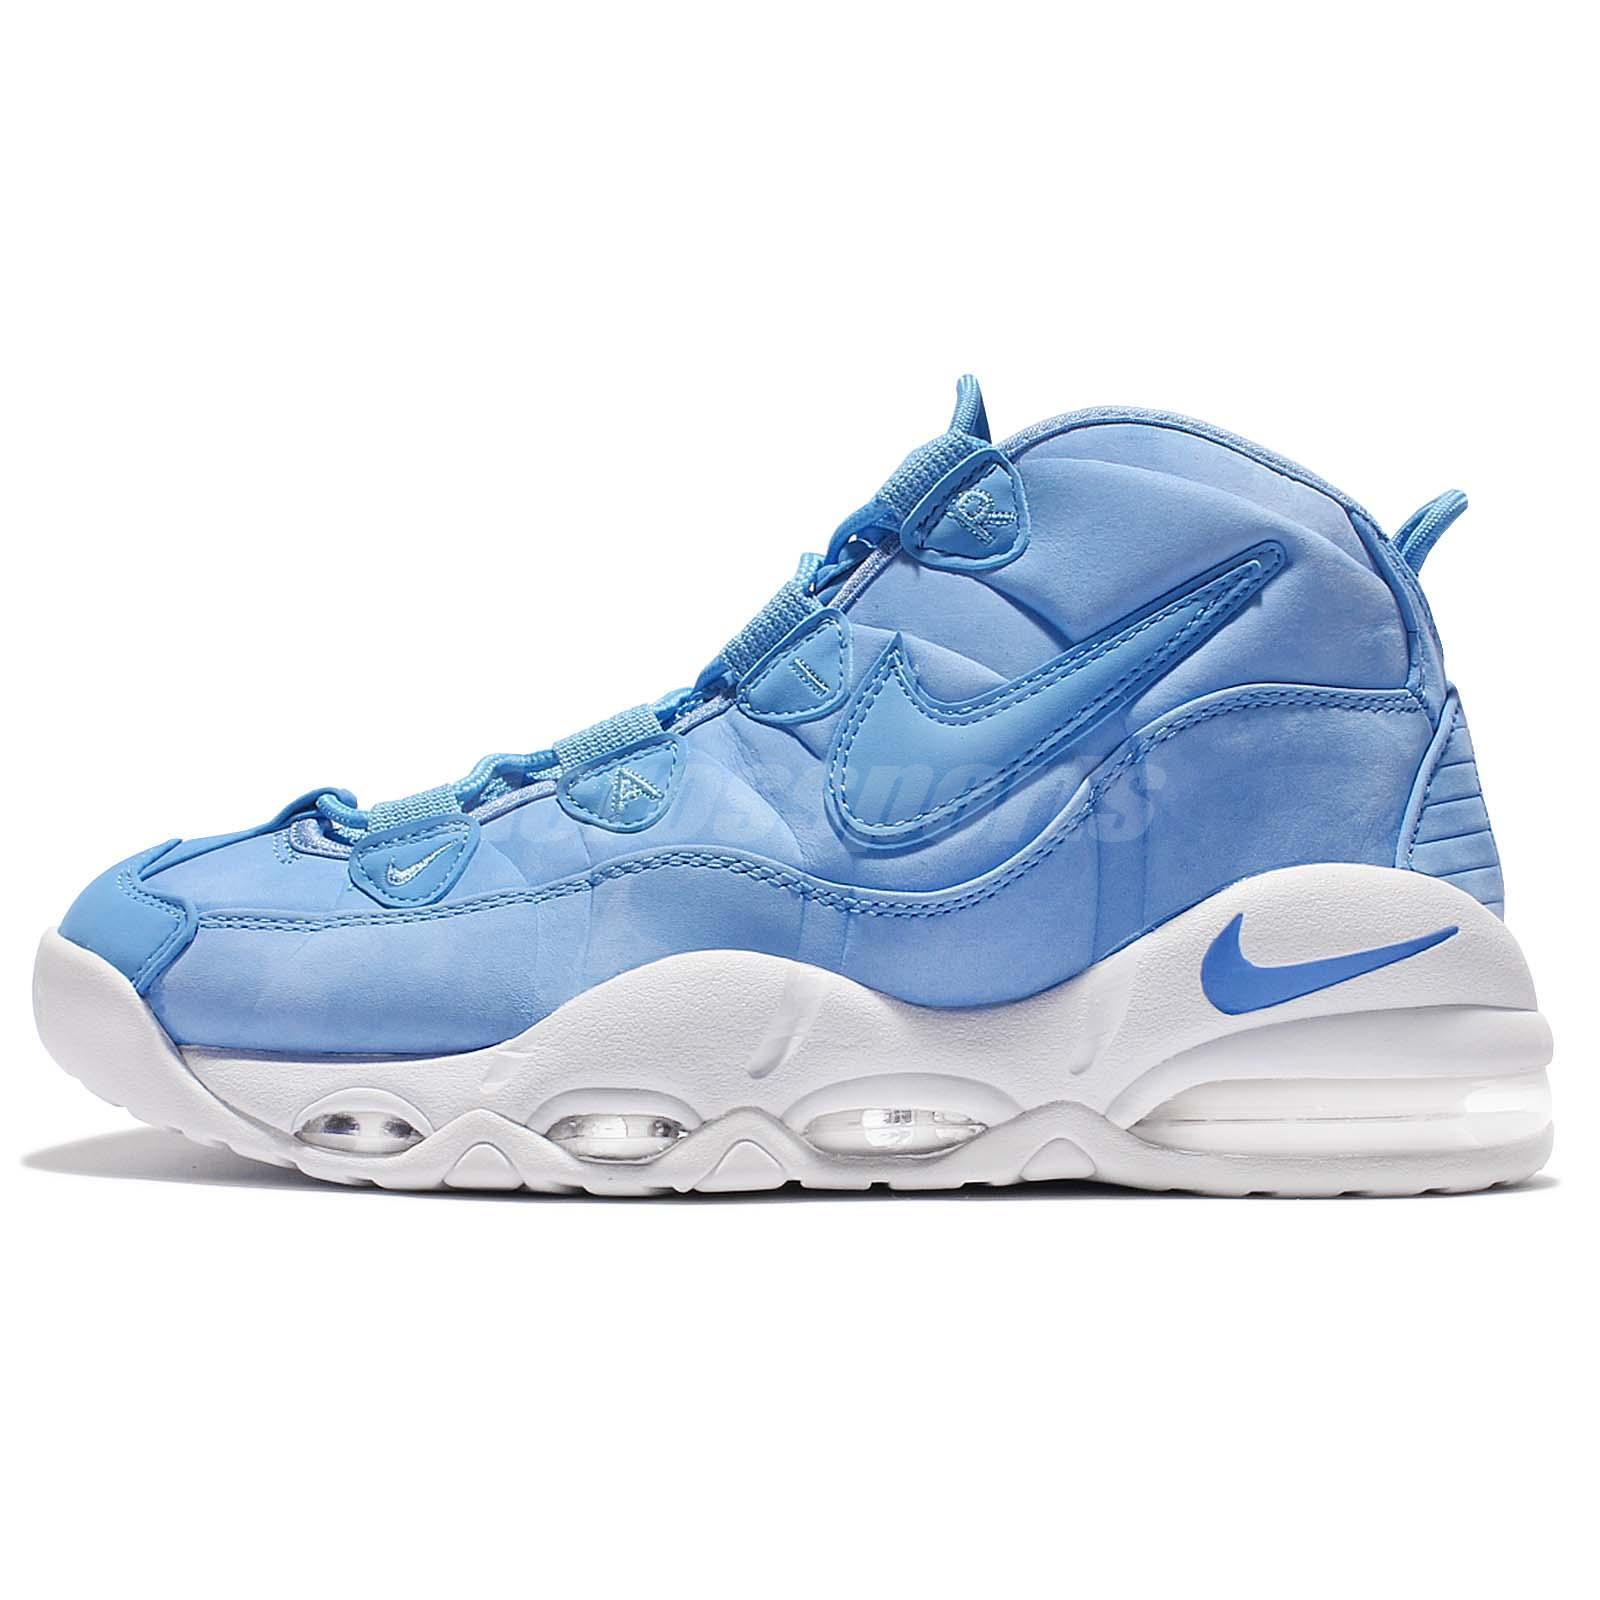 Nike Air Max 2 Uptempo 95 Comme Qs Para Hombre, Université Bleu / Bleu Caroline / Bleu Caroline, 9,5 M